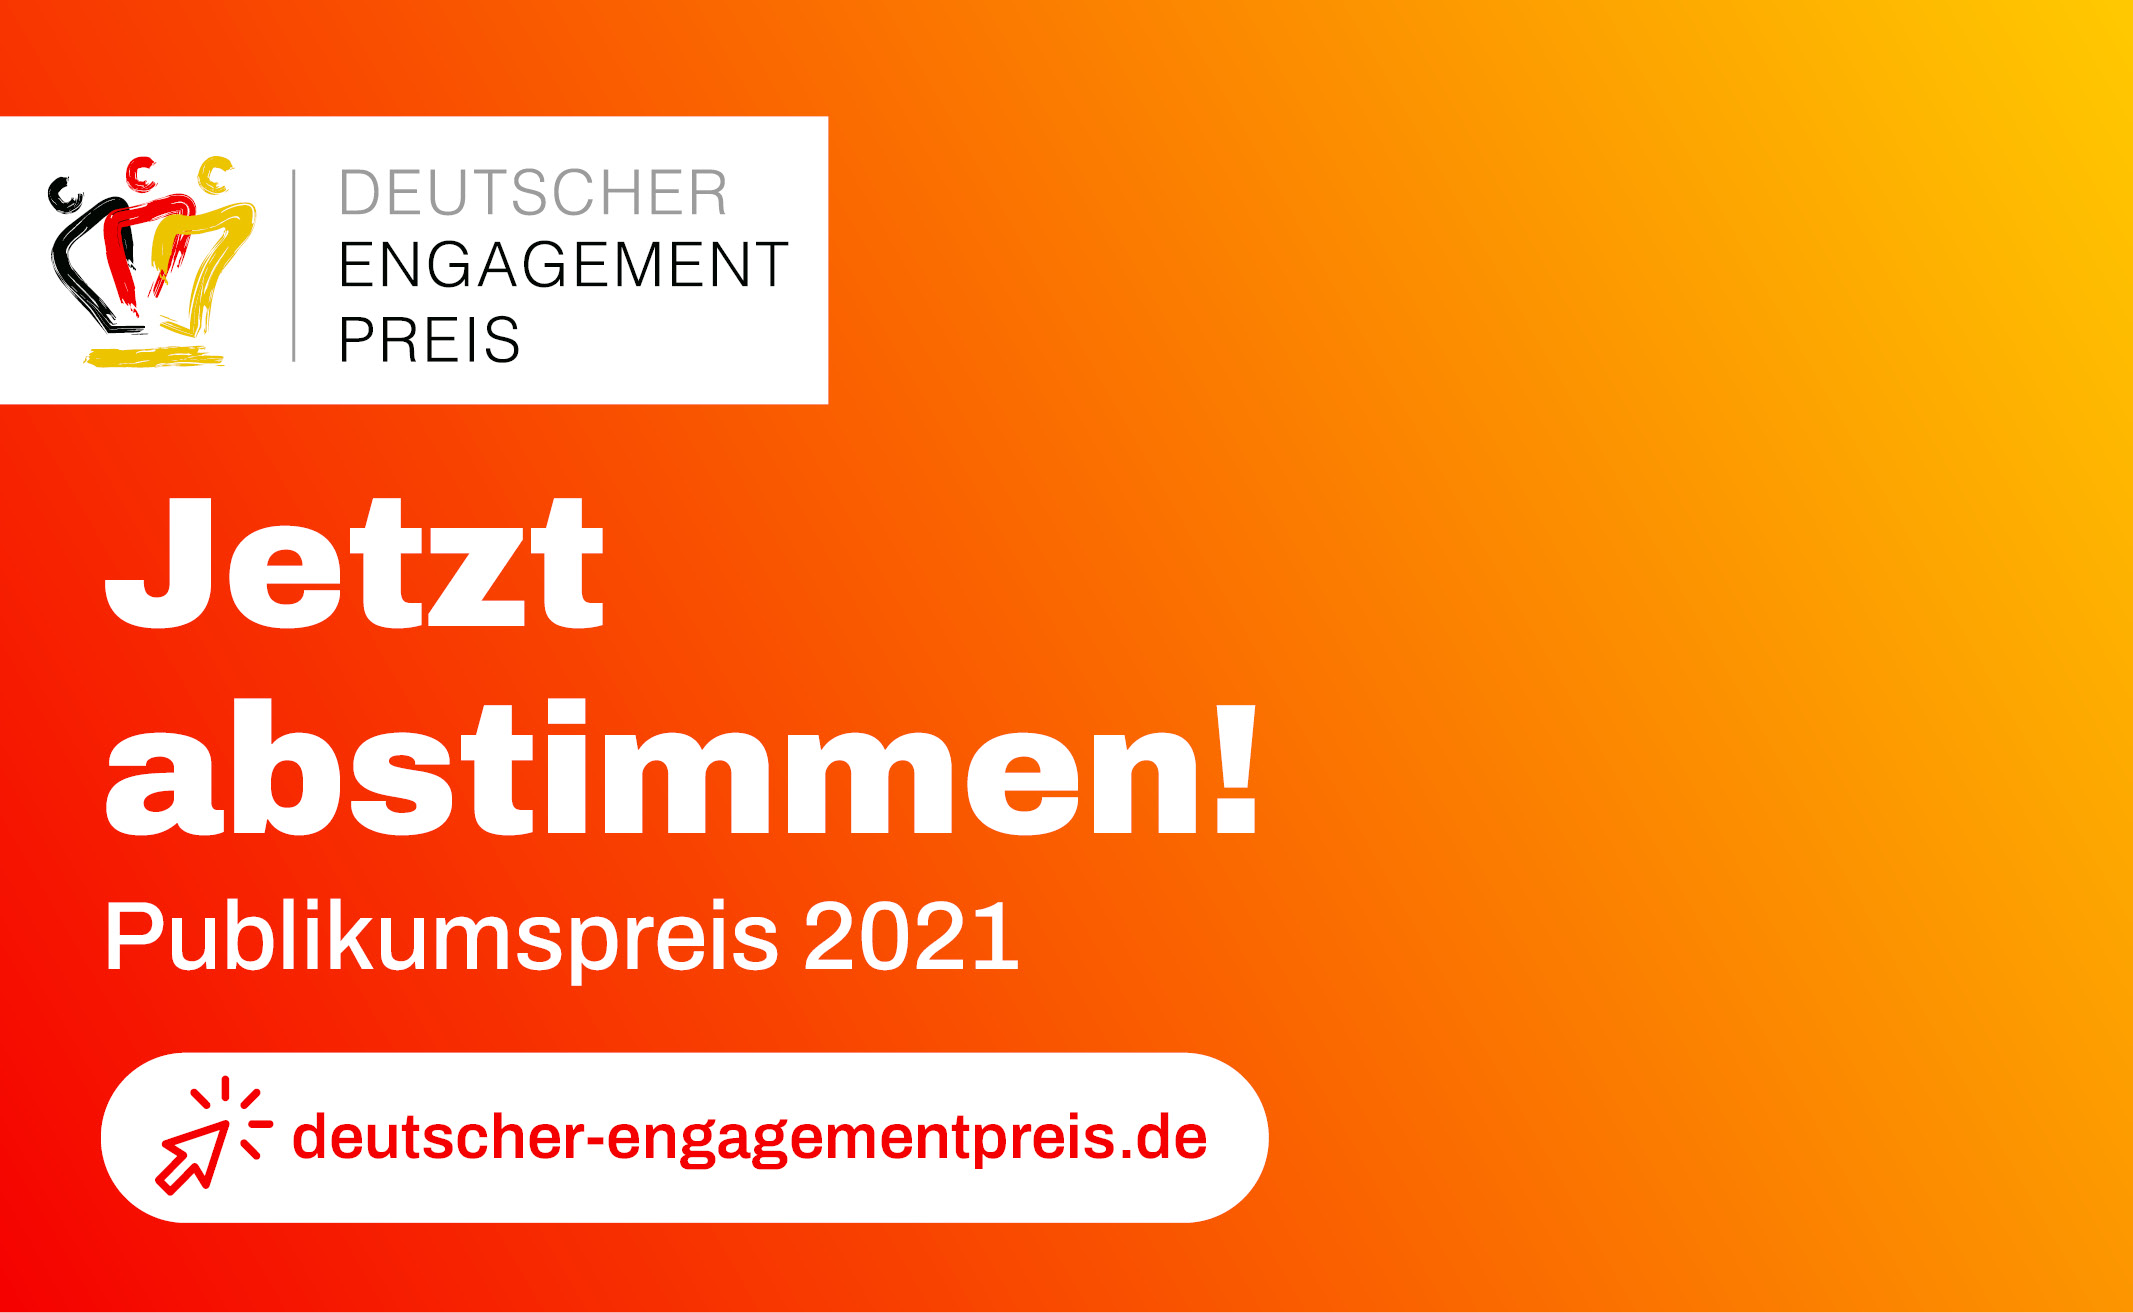 Jetzt abstimmen für den Deutschen Engagementpreis 2021!